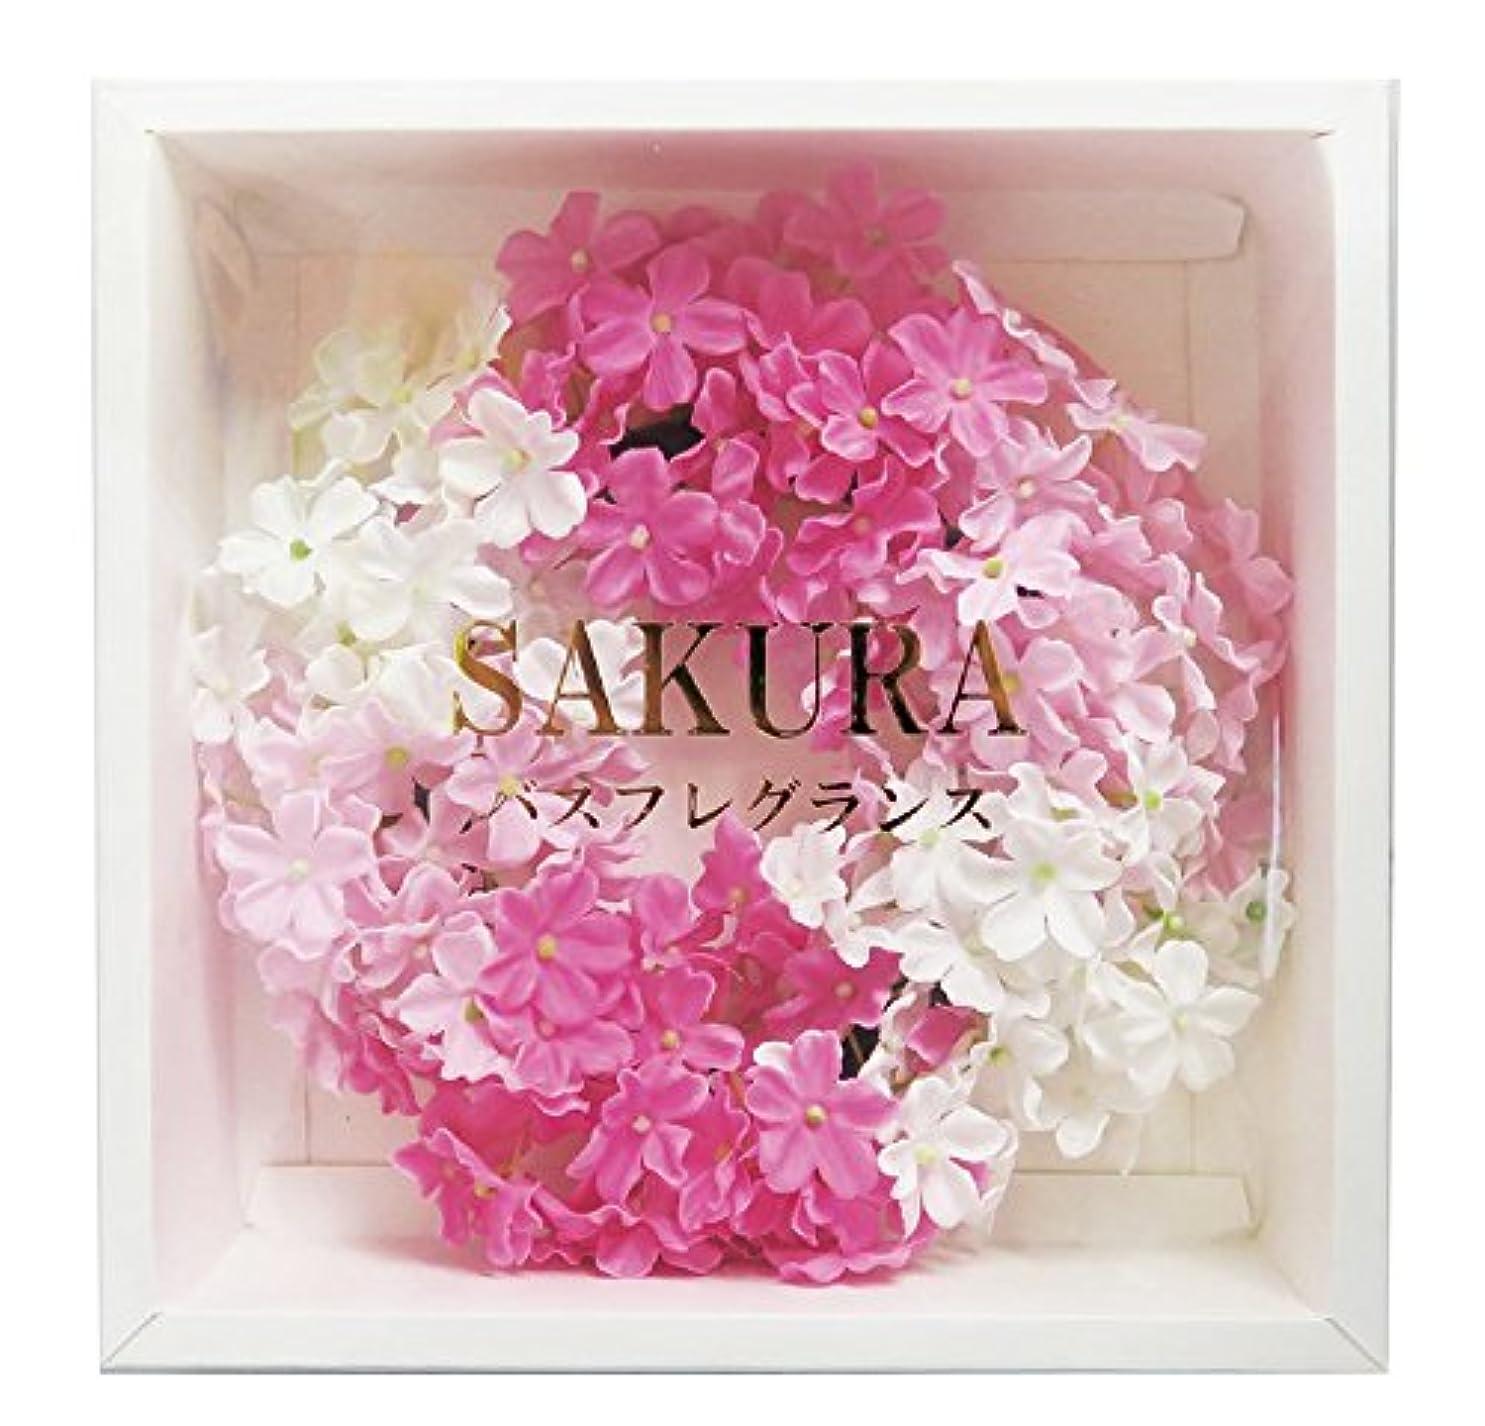 嫌がる発掘する眠り花のカタチの入浴料! バスフレグランス SAKURA サクラ リース